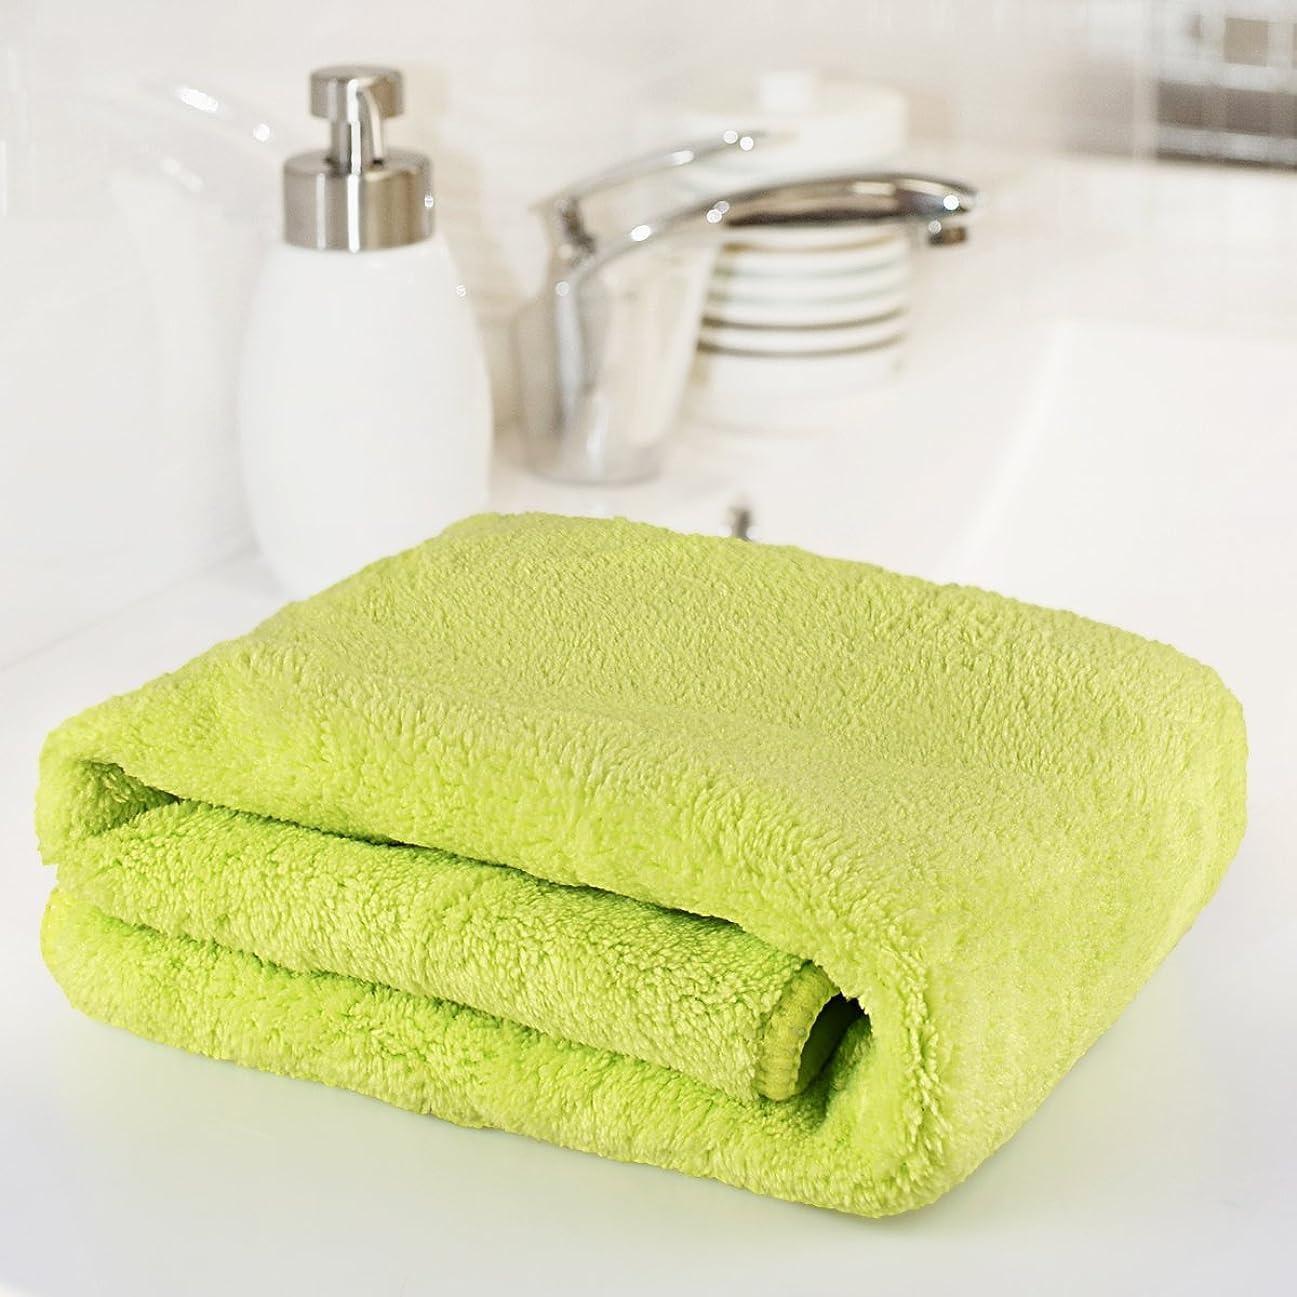 ではごきげんよう君主制名門バスタオル、面ハンドタオルスーパー吸収性クリアランスPrime Ultraソフト滑らかさコットンWashcloth軽量Fast Dry丈夫洗濯Faceclothシャワータオルスポーツジムのシャワーバスルーム グリーン QLSTZPINK01